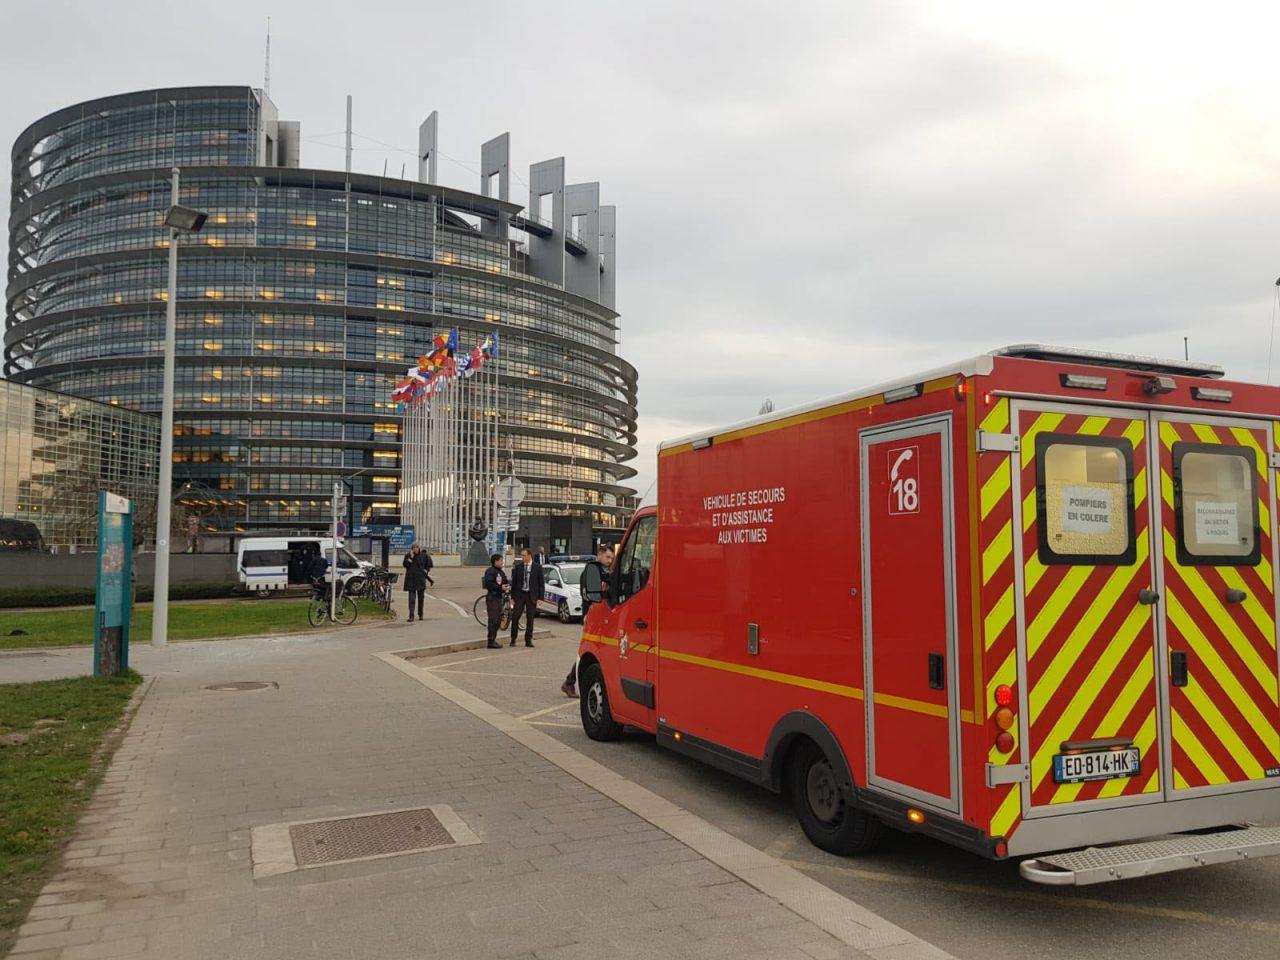 un-homme-s-immole-par-le-feu-devant-le-parlement-europeen-a-strasbourg-photo-dna-acb-1579016121-1280x960.jpg